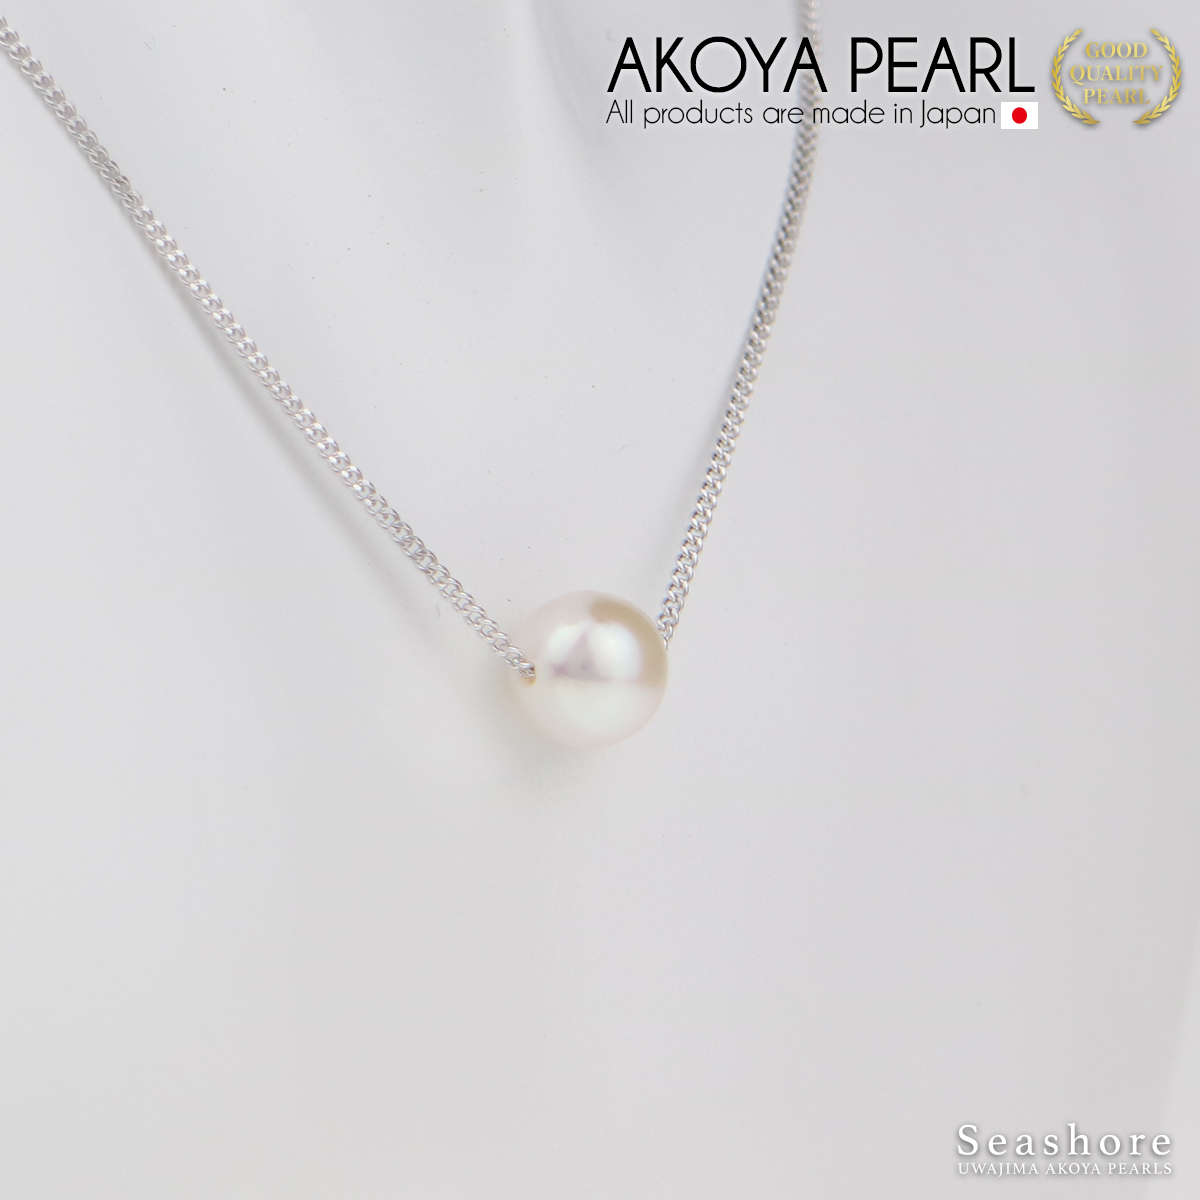 プレゼントに 自分のご褒美に 日本の海で採れた本物の真珠 JPロジ発送 一粒 パール ネックレス ホワイト お求めやすく価格改定 7.0mm~9.0mm スルーネックレス 宇和島 あこや プレゼント 自分 ご褒美 真珠 妻 送料無料 マーケット ポイント 記念日 消化 女性 誕生日 プチプラ